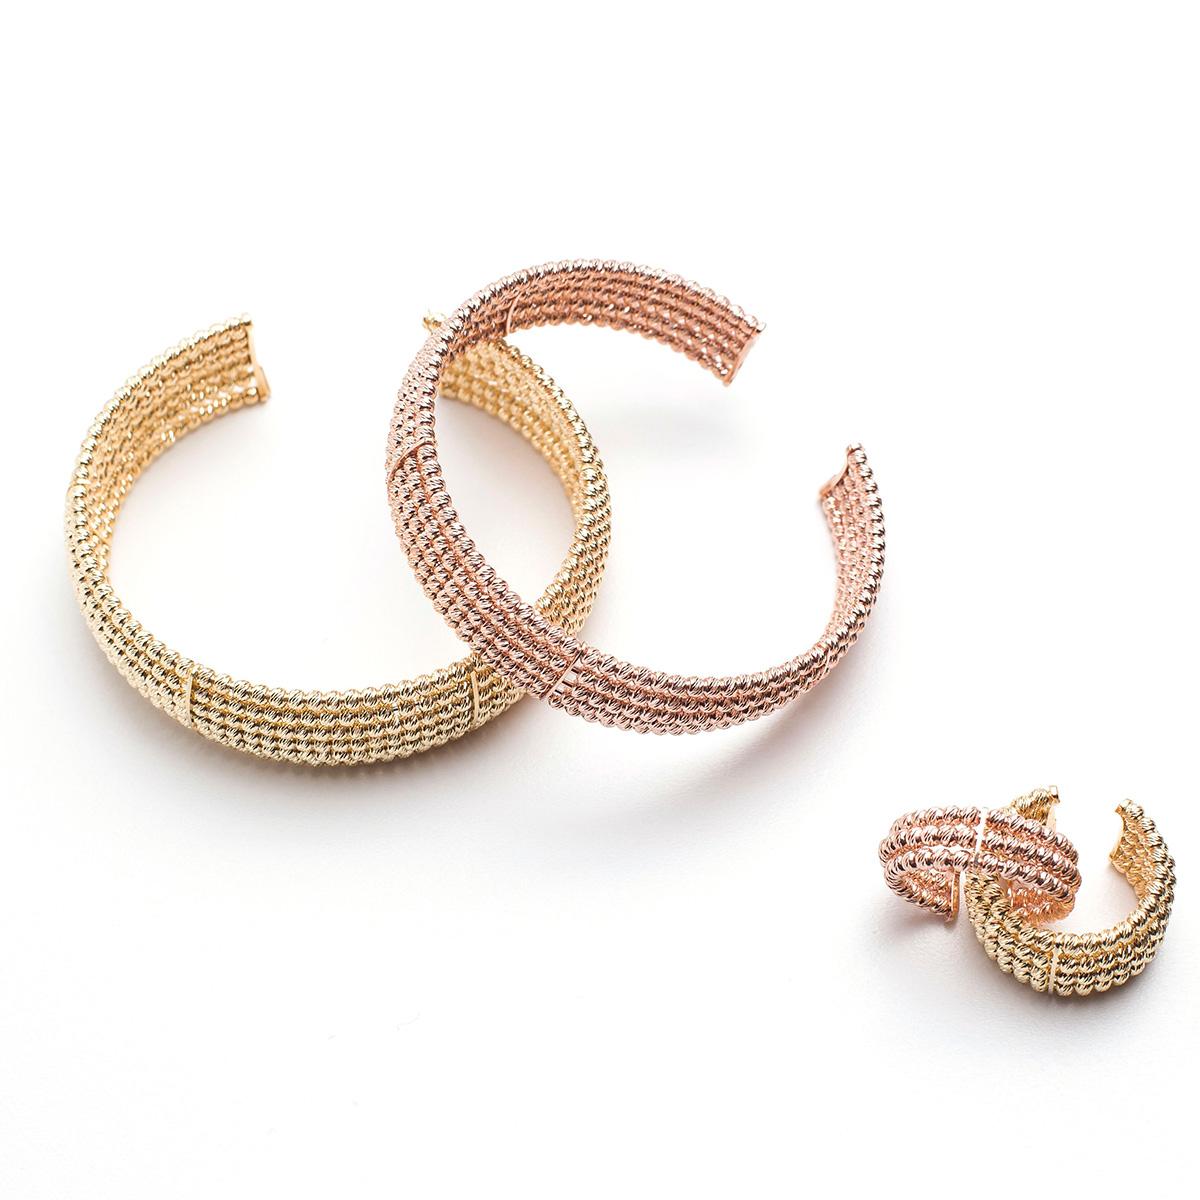 Italian collection braccialetti in bronzo realizzati a Murano